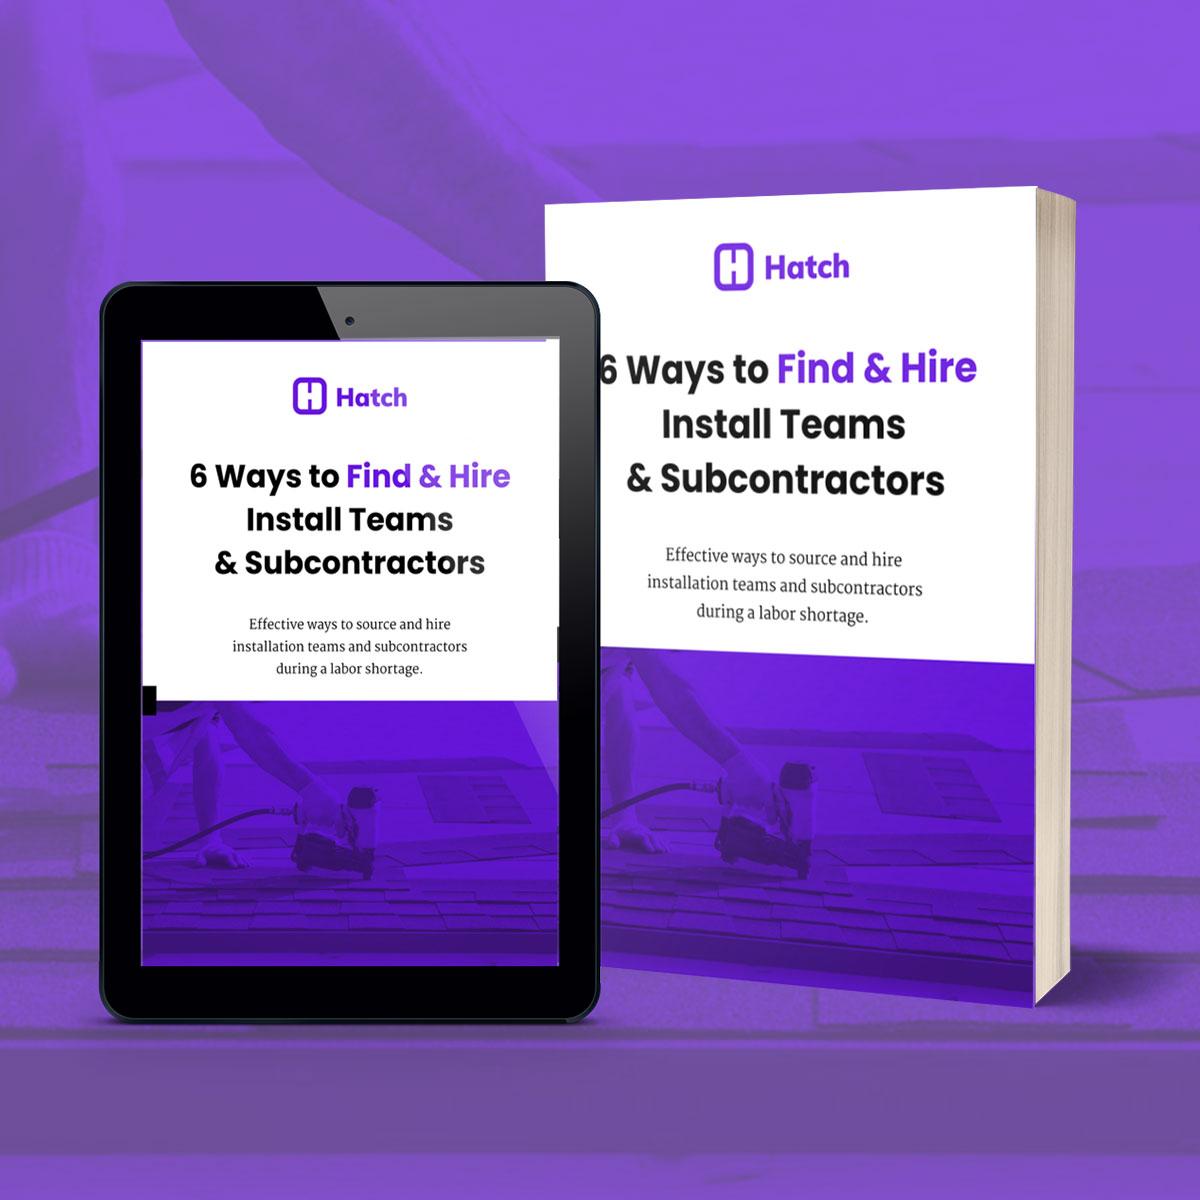 6 Ways To Find & Hire Install Teams & Subcontractors